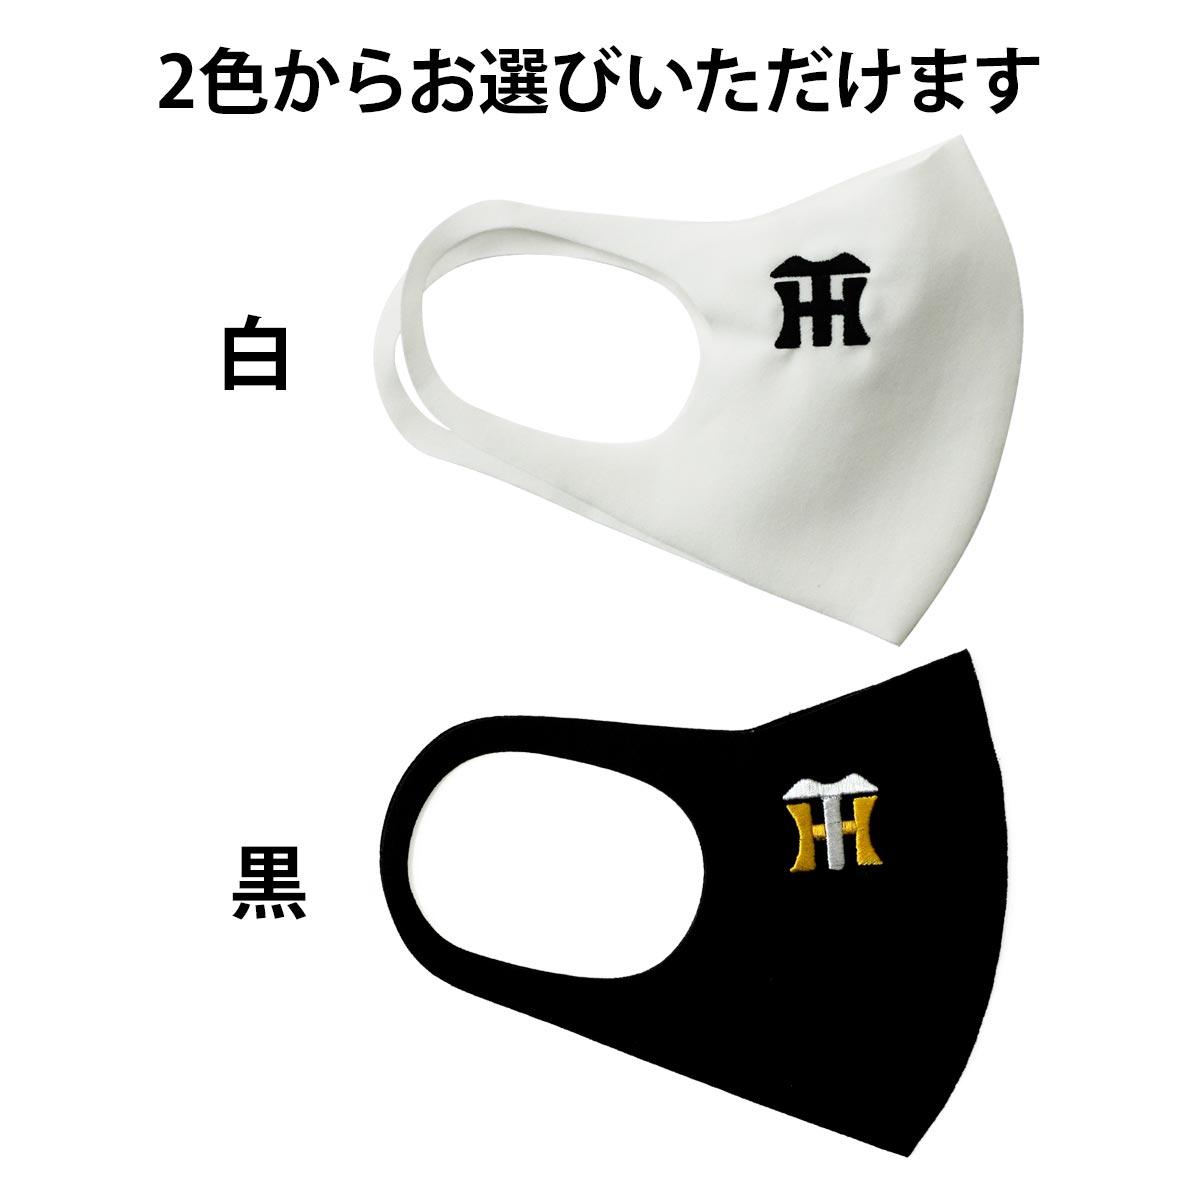 タイガース マスク 阪神